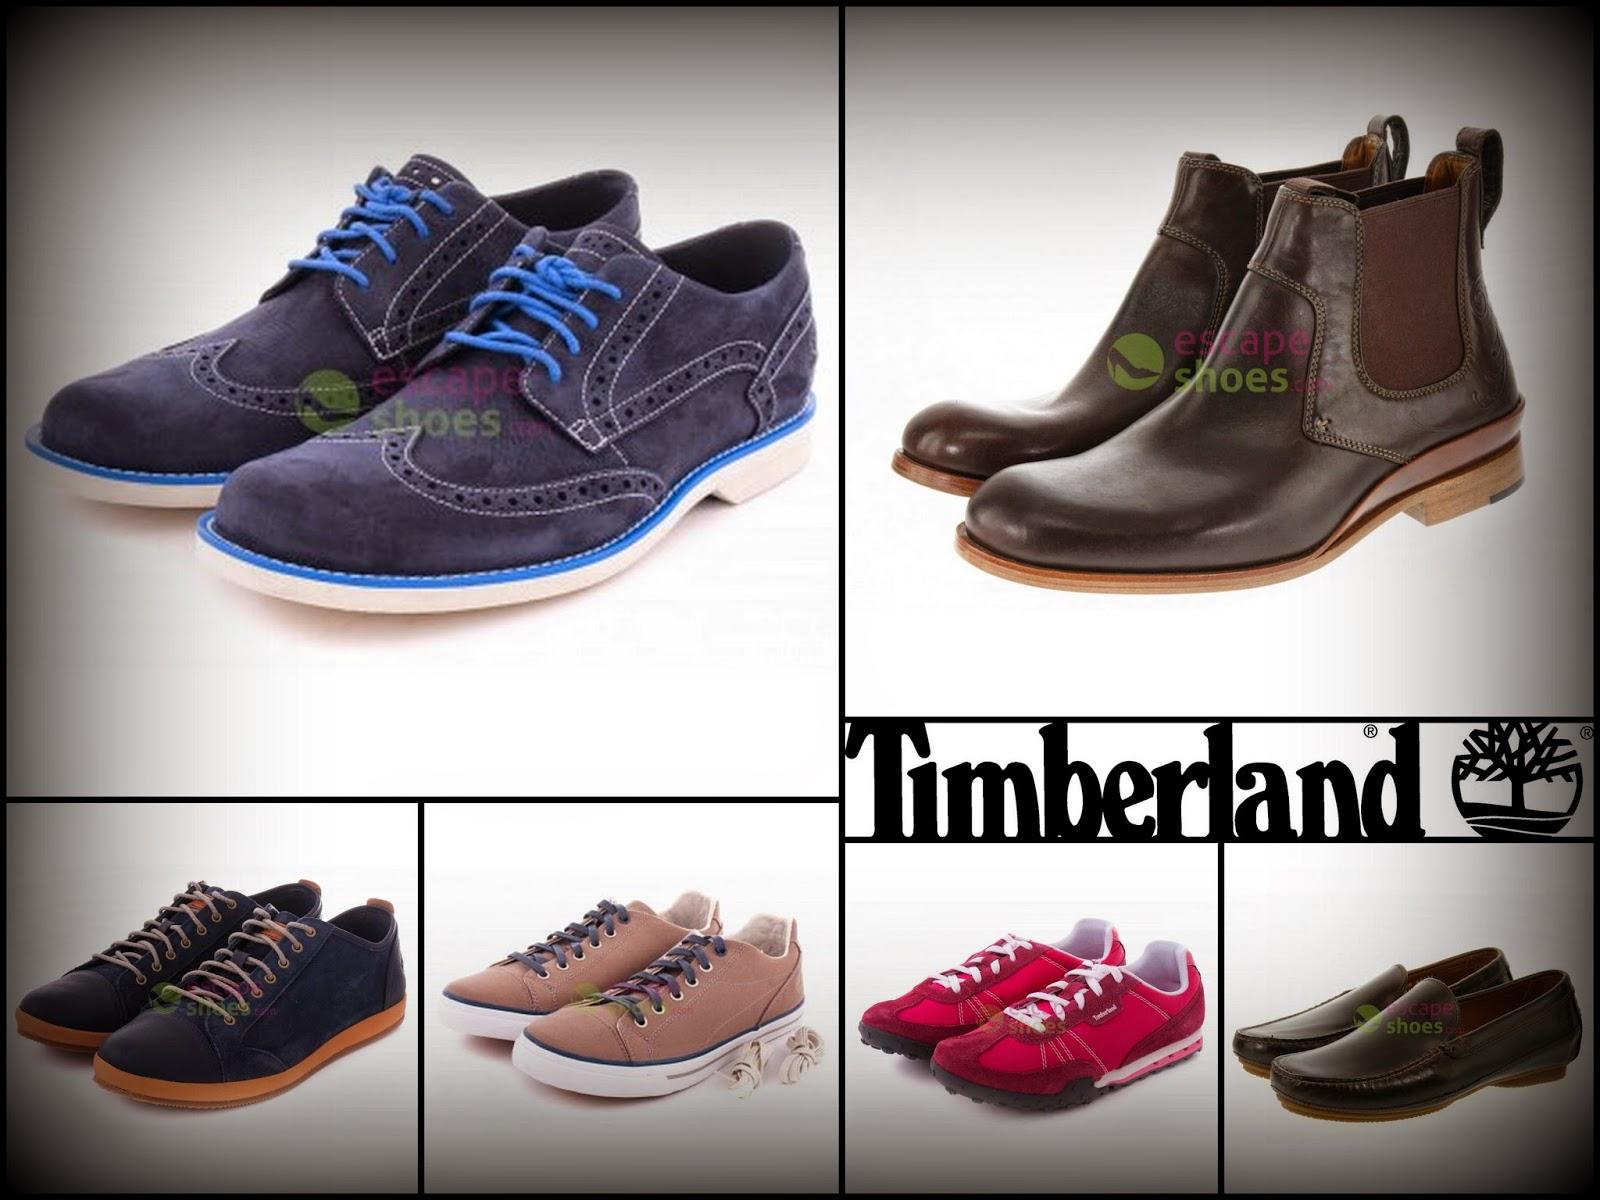 imagenes de zapatillas para hombres - Decathlon zapatillas de running